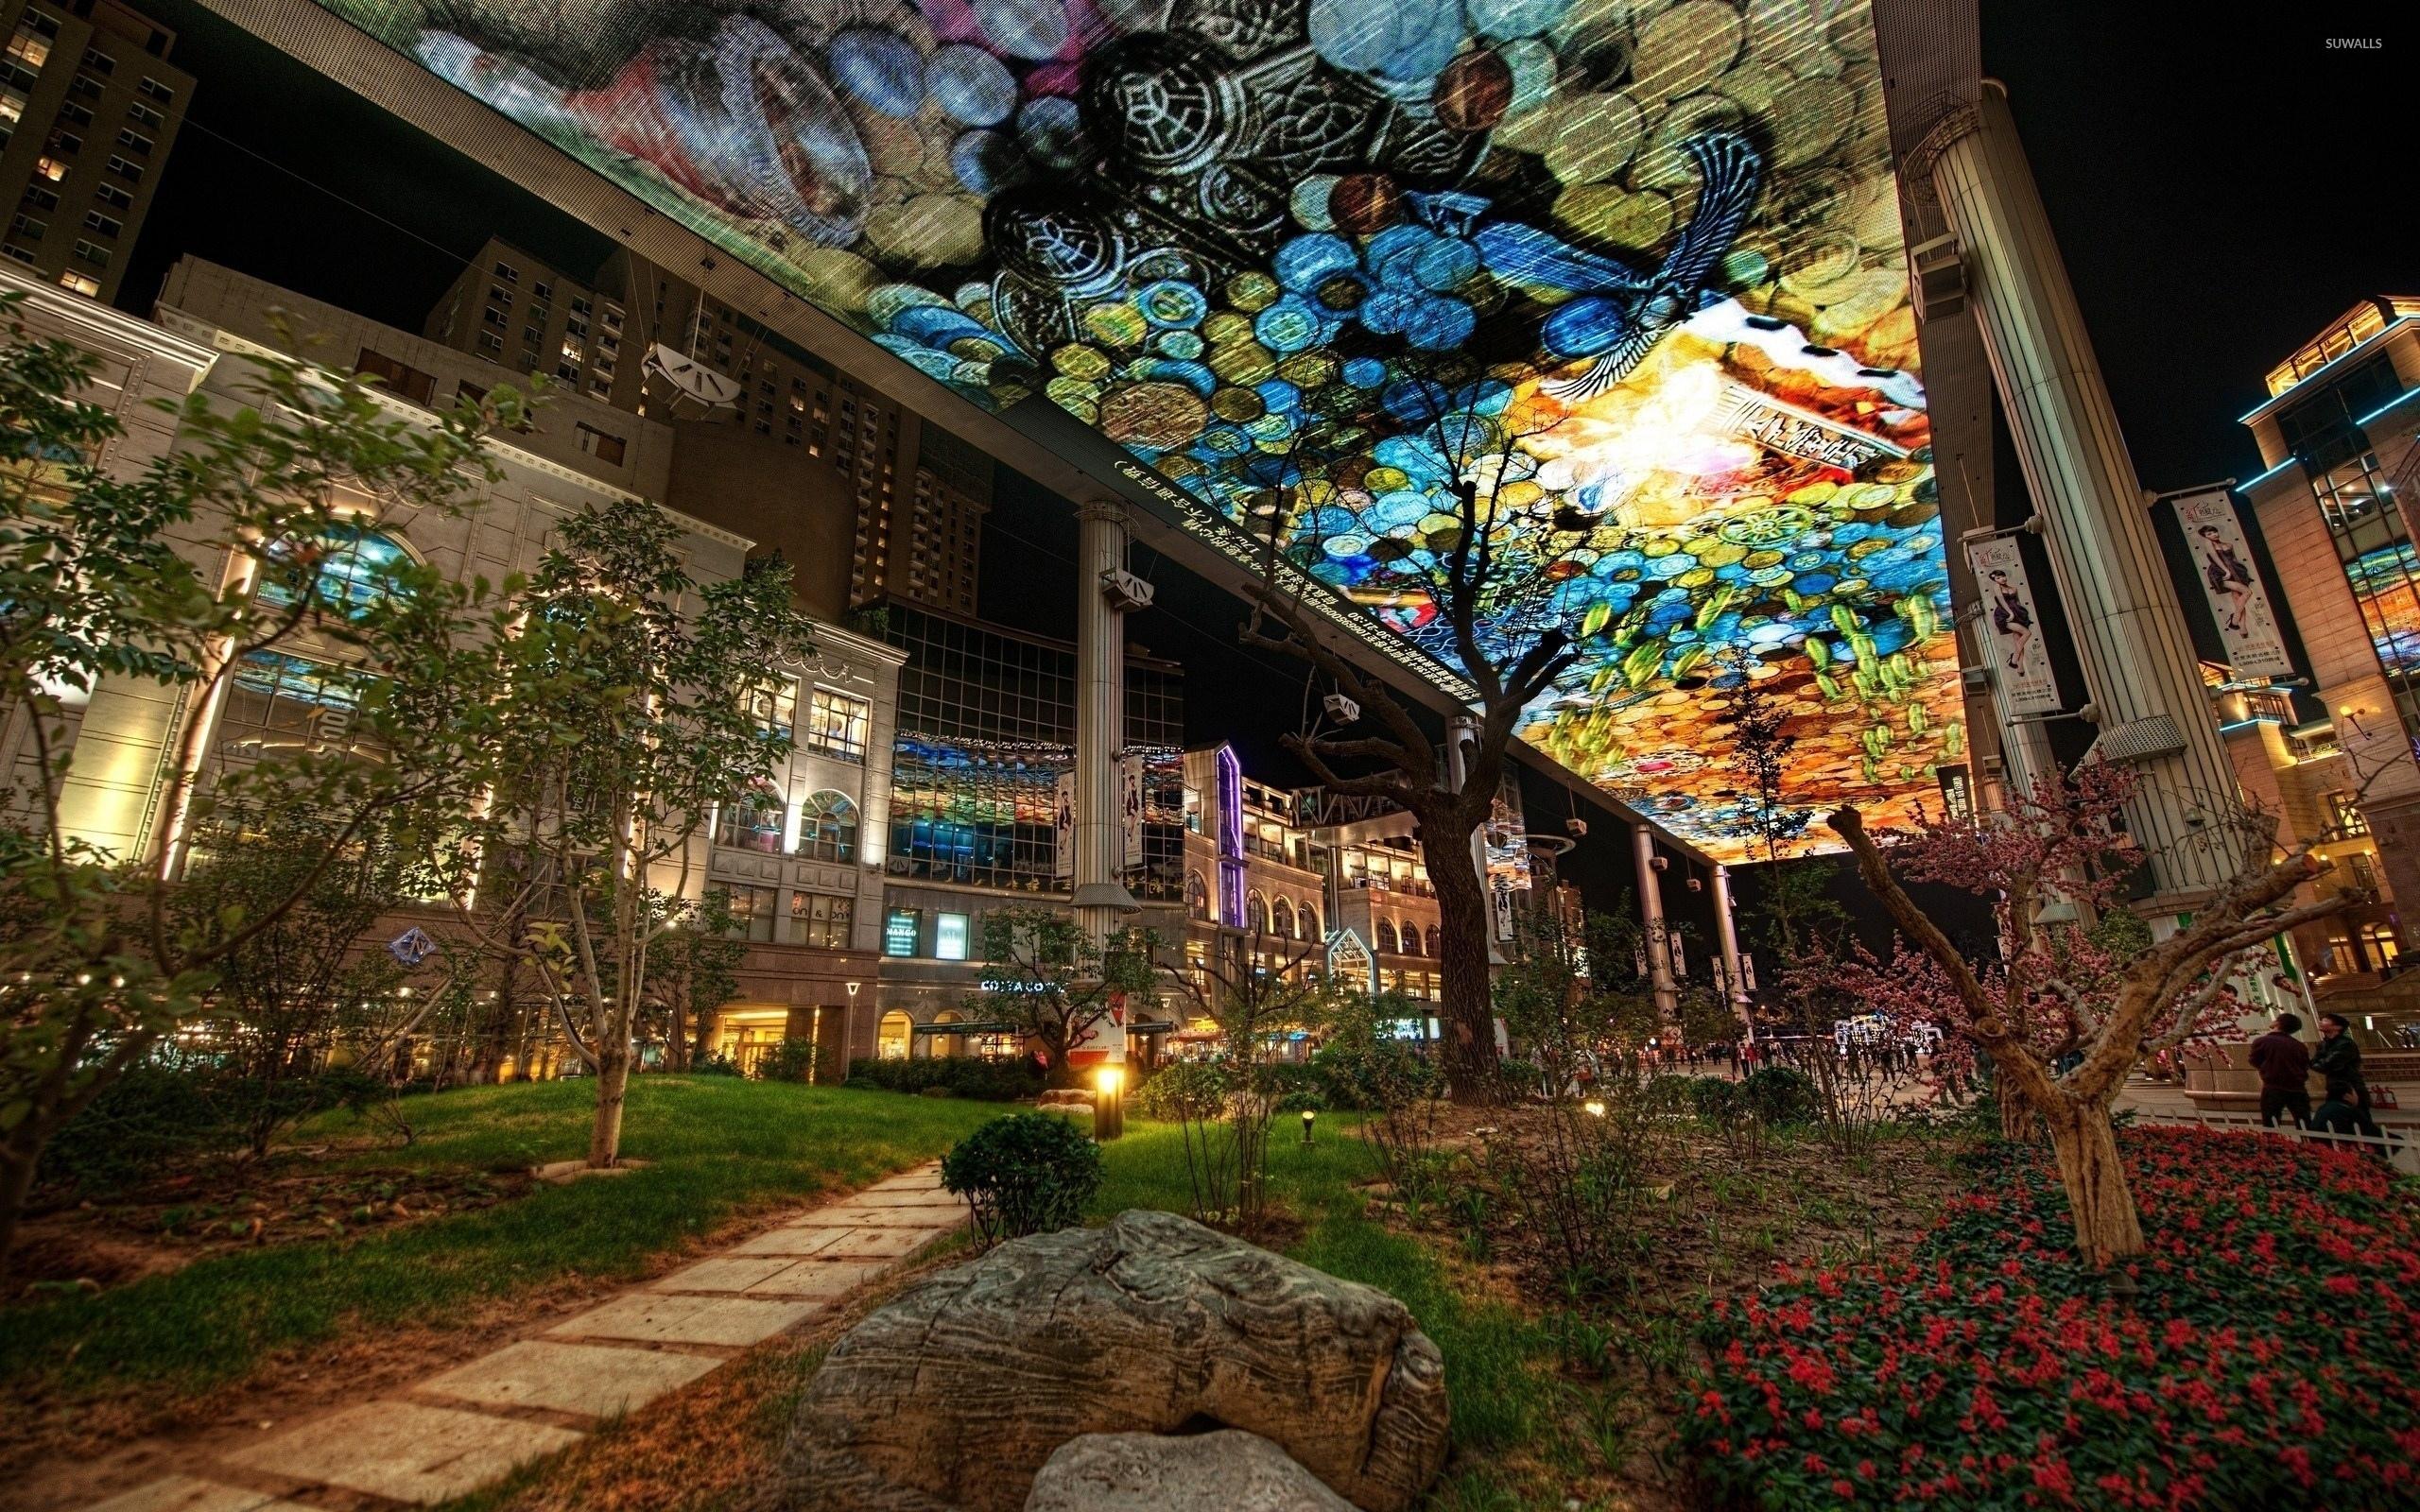 urban art in a city garden wallpaper world wallpapers